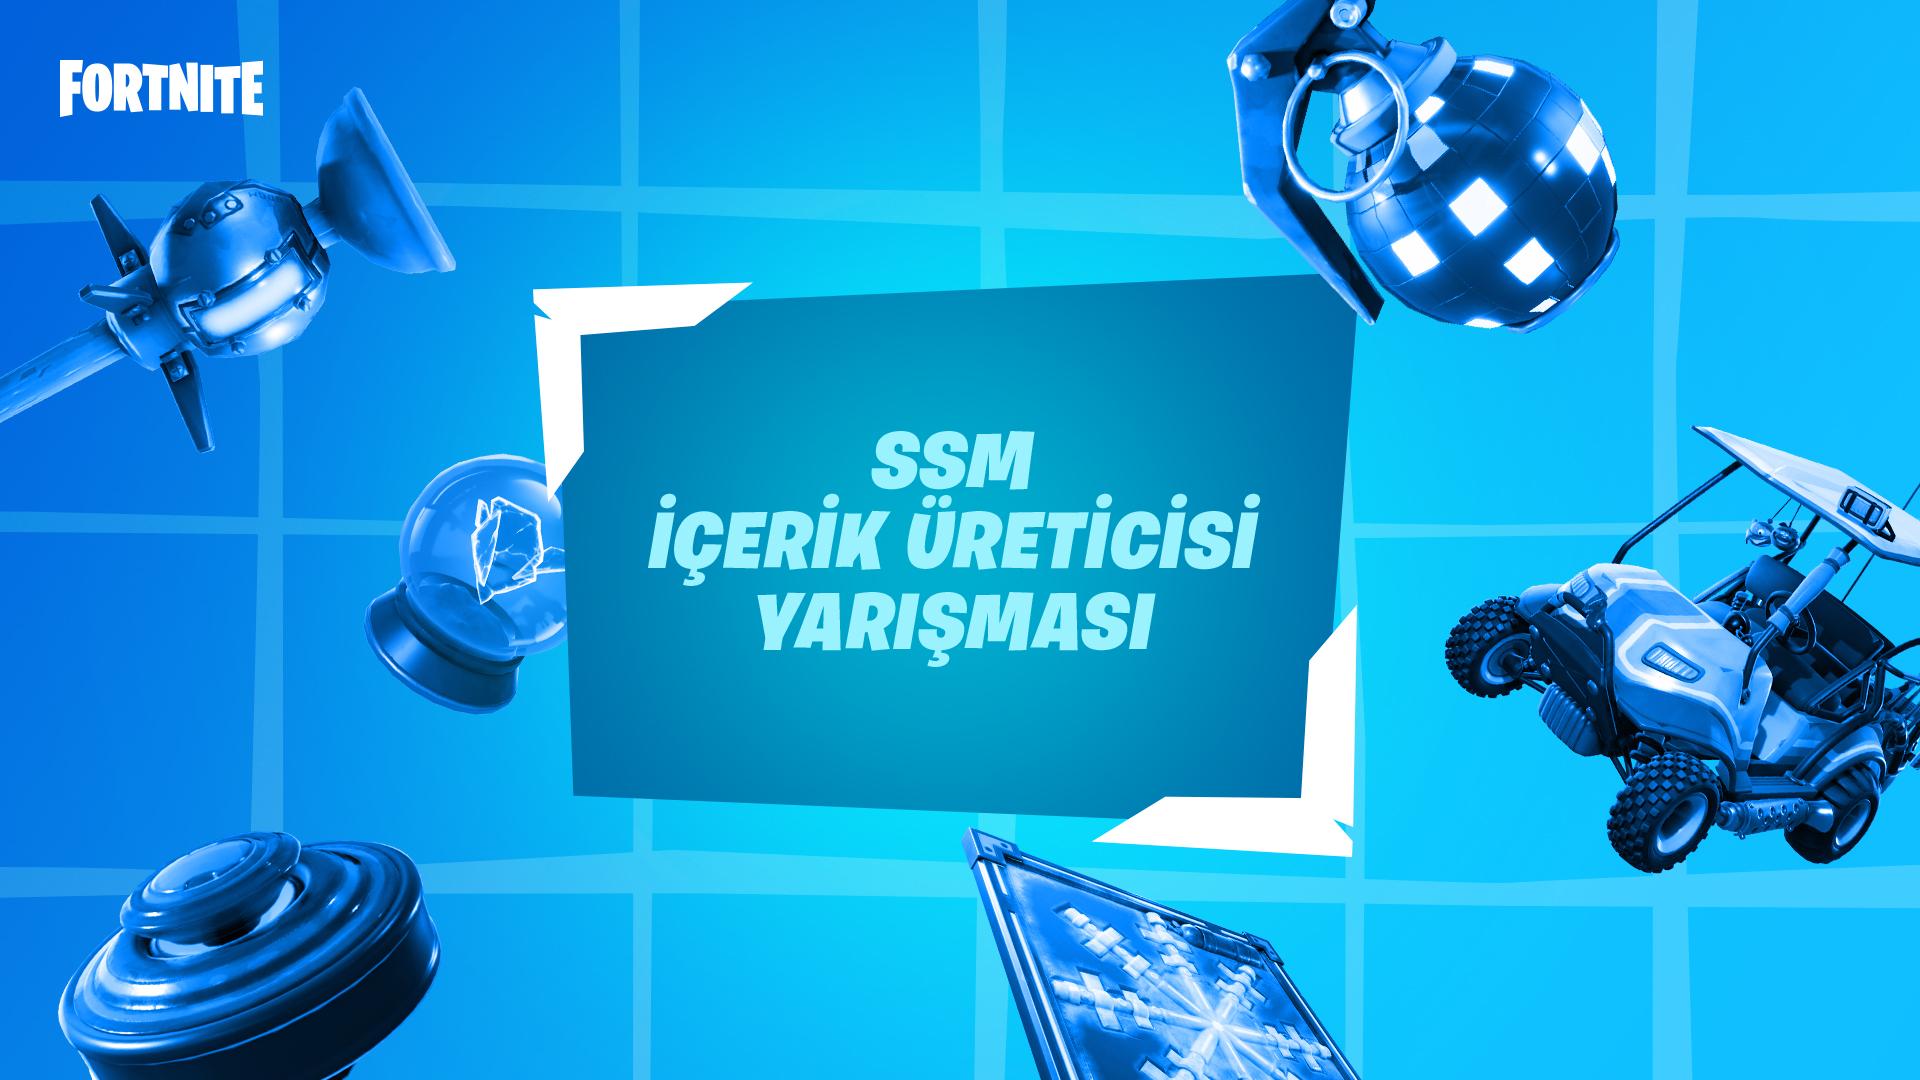 Fortnite SSM İçerik Üreticisi Yarışması